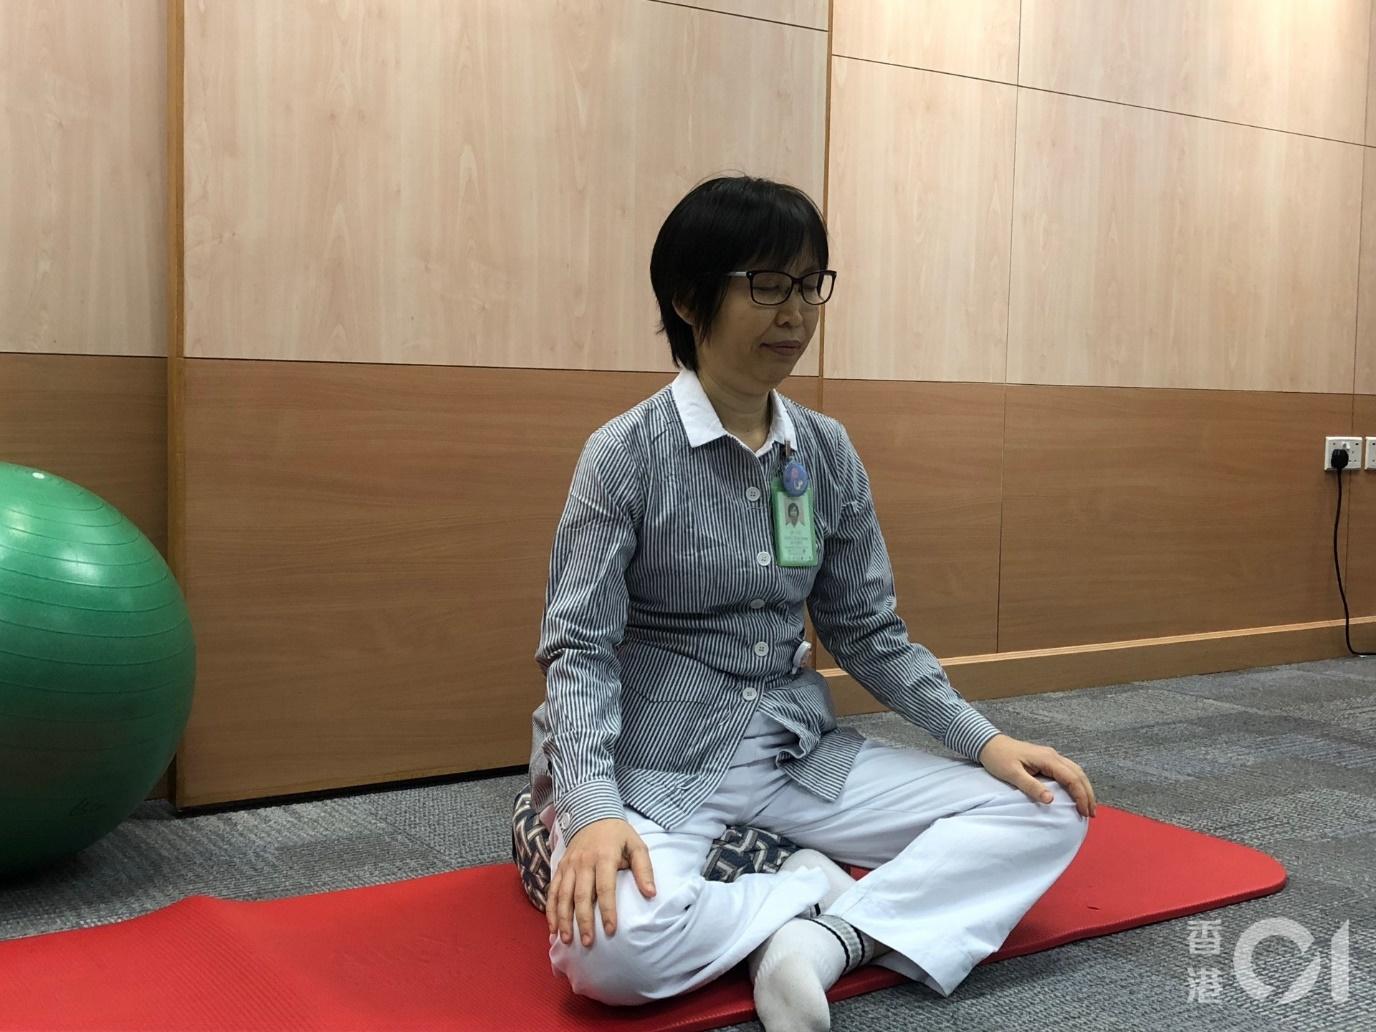 新界東醫院聯網婦產科病署理助產士顧問唐永紅示範靜觀呼吸法。(胡家欣攝)